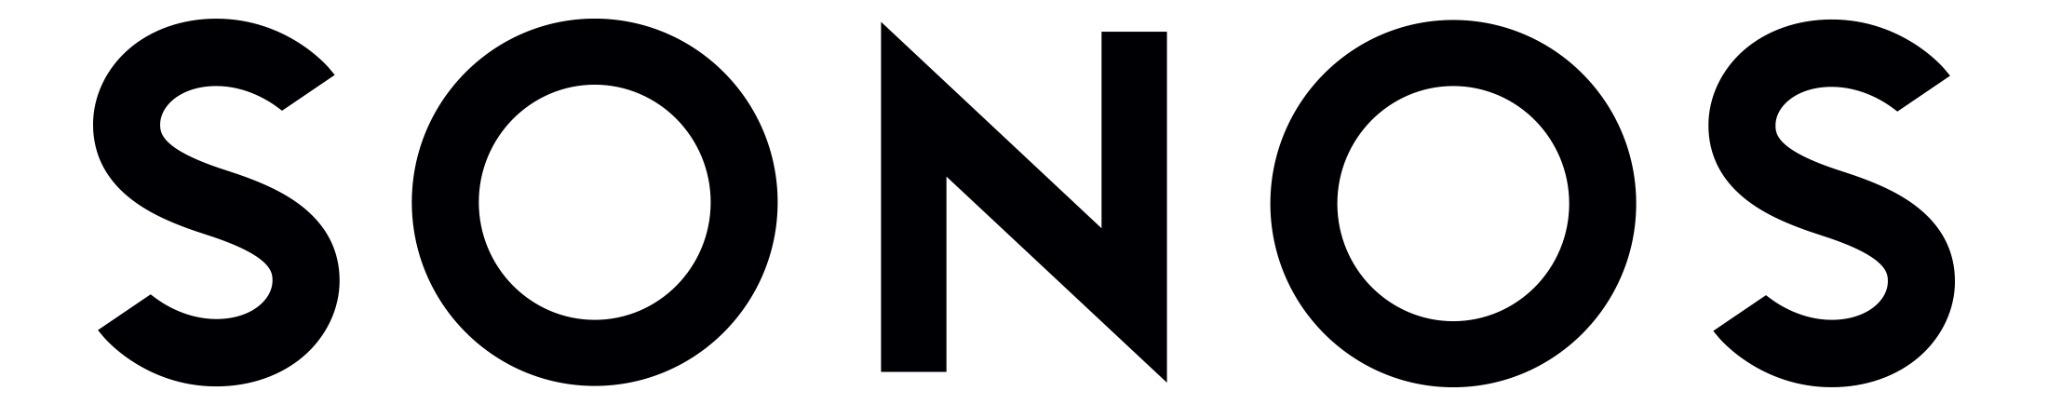 Sonos promo codes